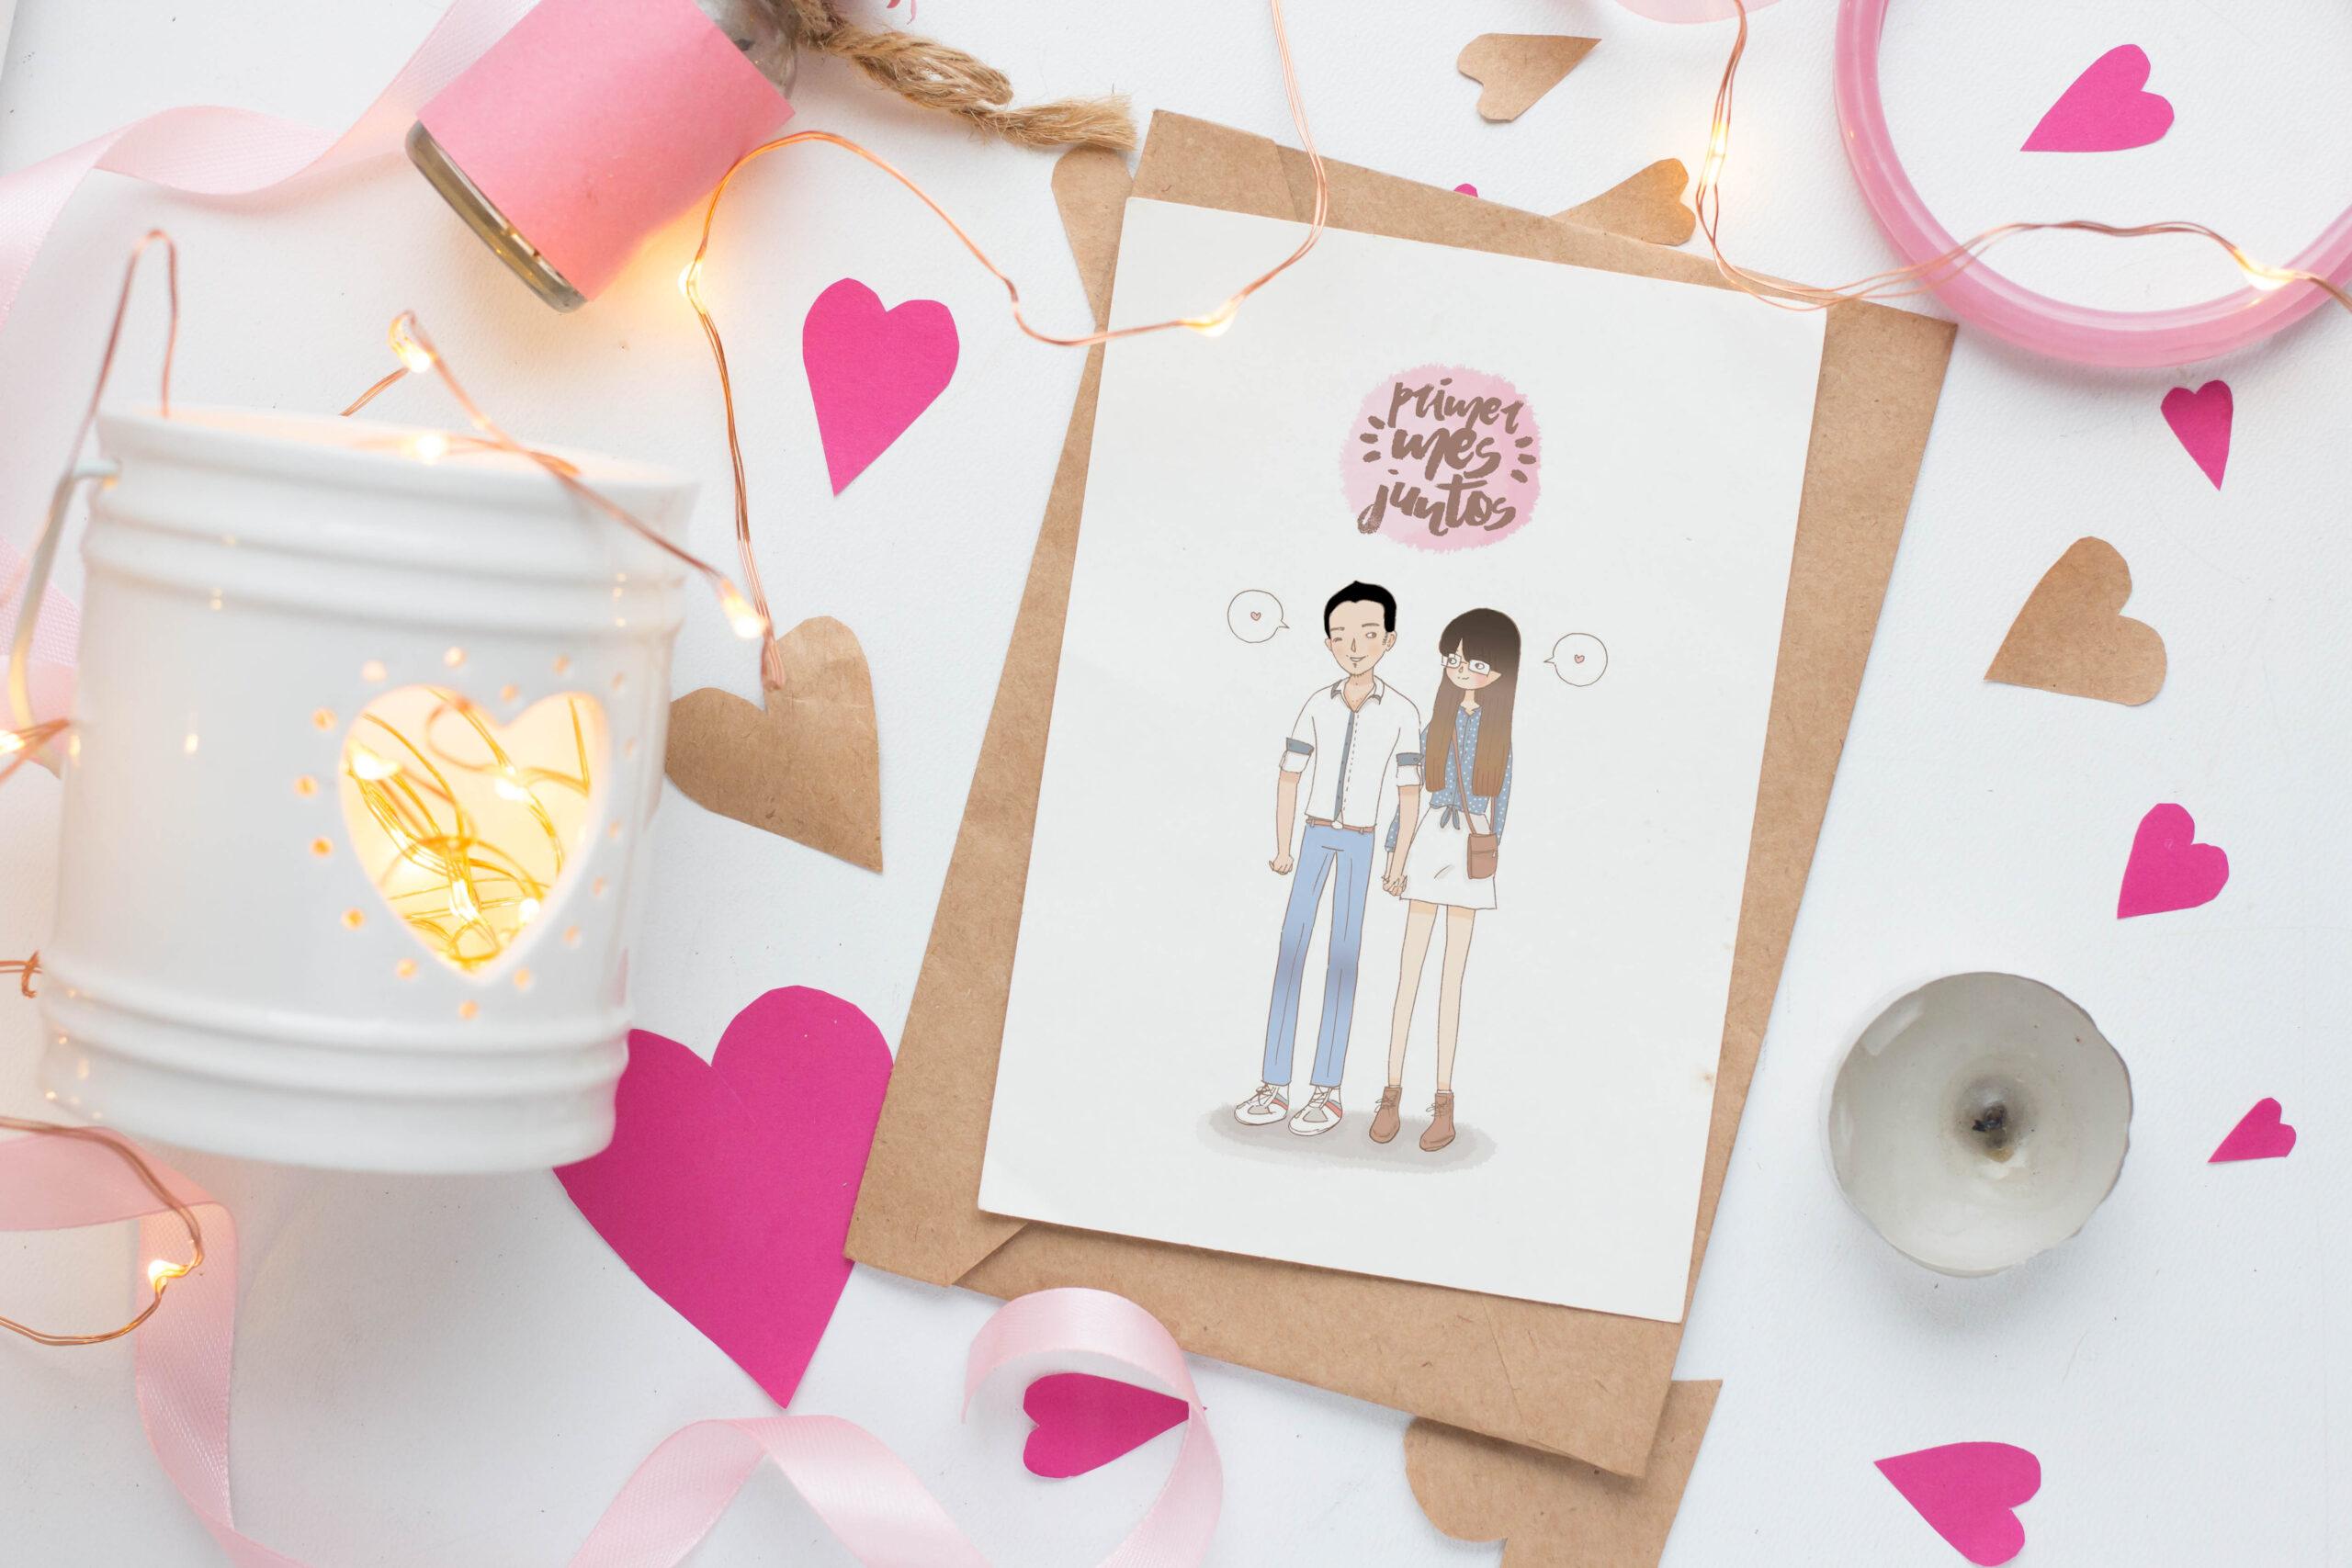 Mesa blanca con papel blanco con ilustracion de una pareja que estan un mes juntos